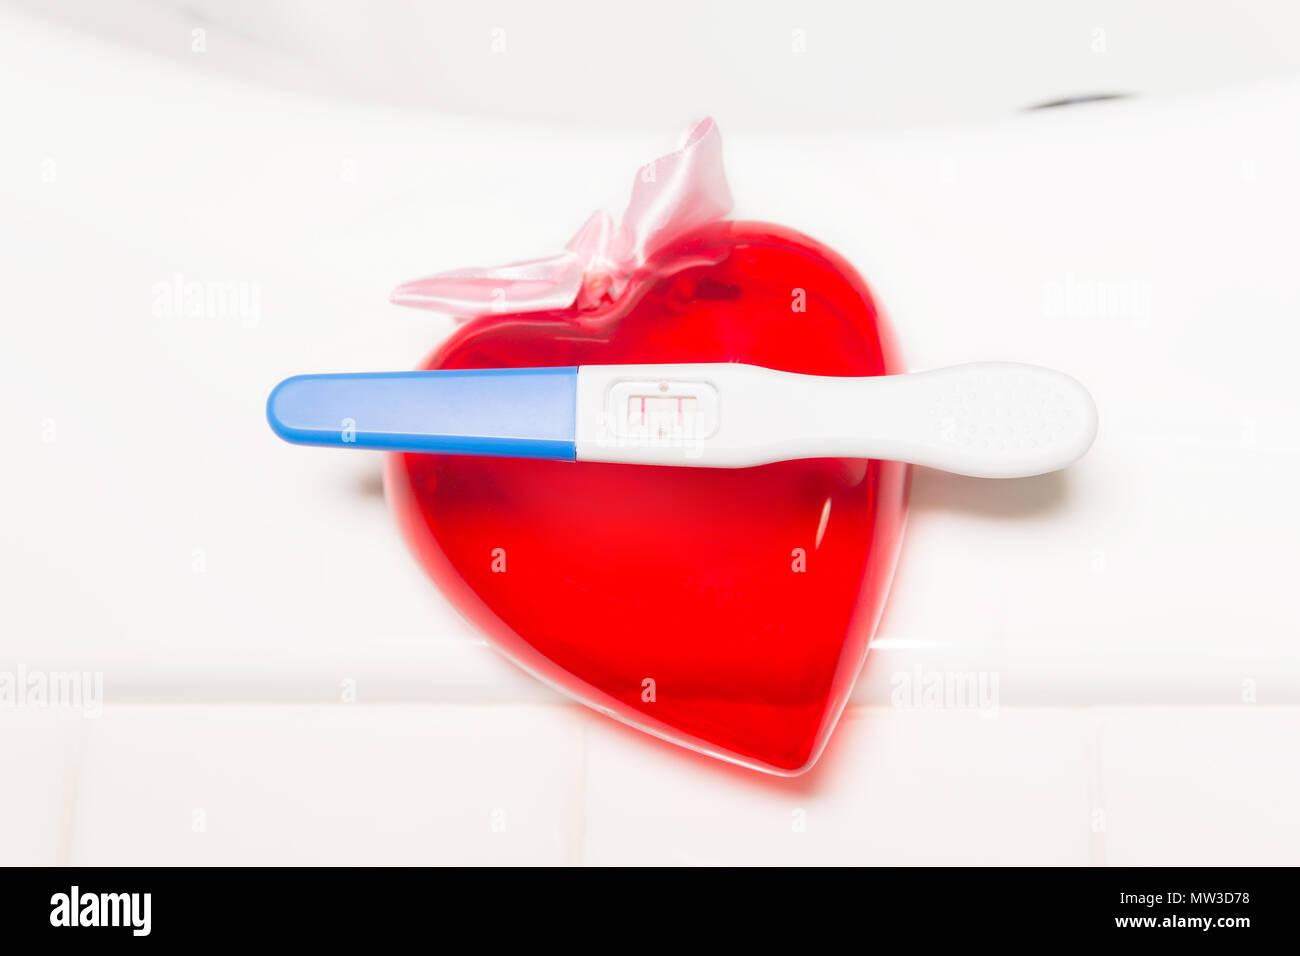 Vasca Da Bagno Gravidanza : Positivo al test di gravidanza e di cuore sulla vasca da bagno foto